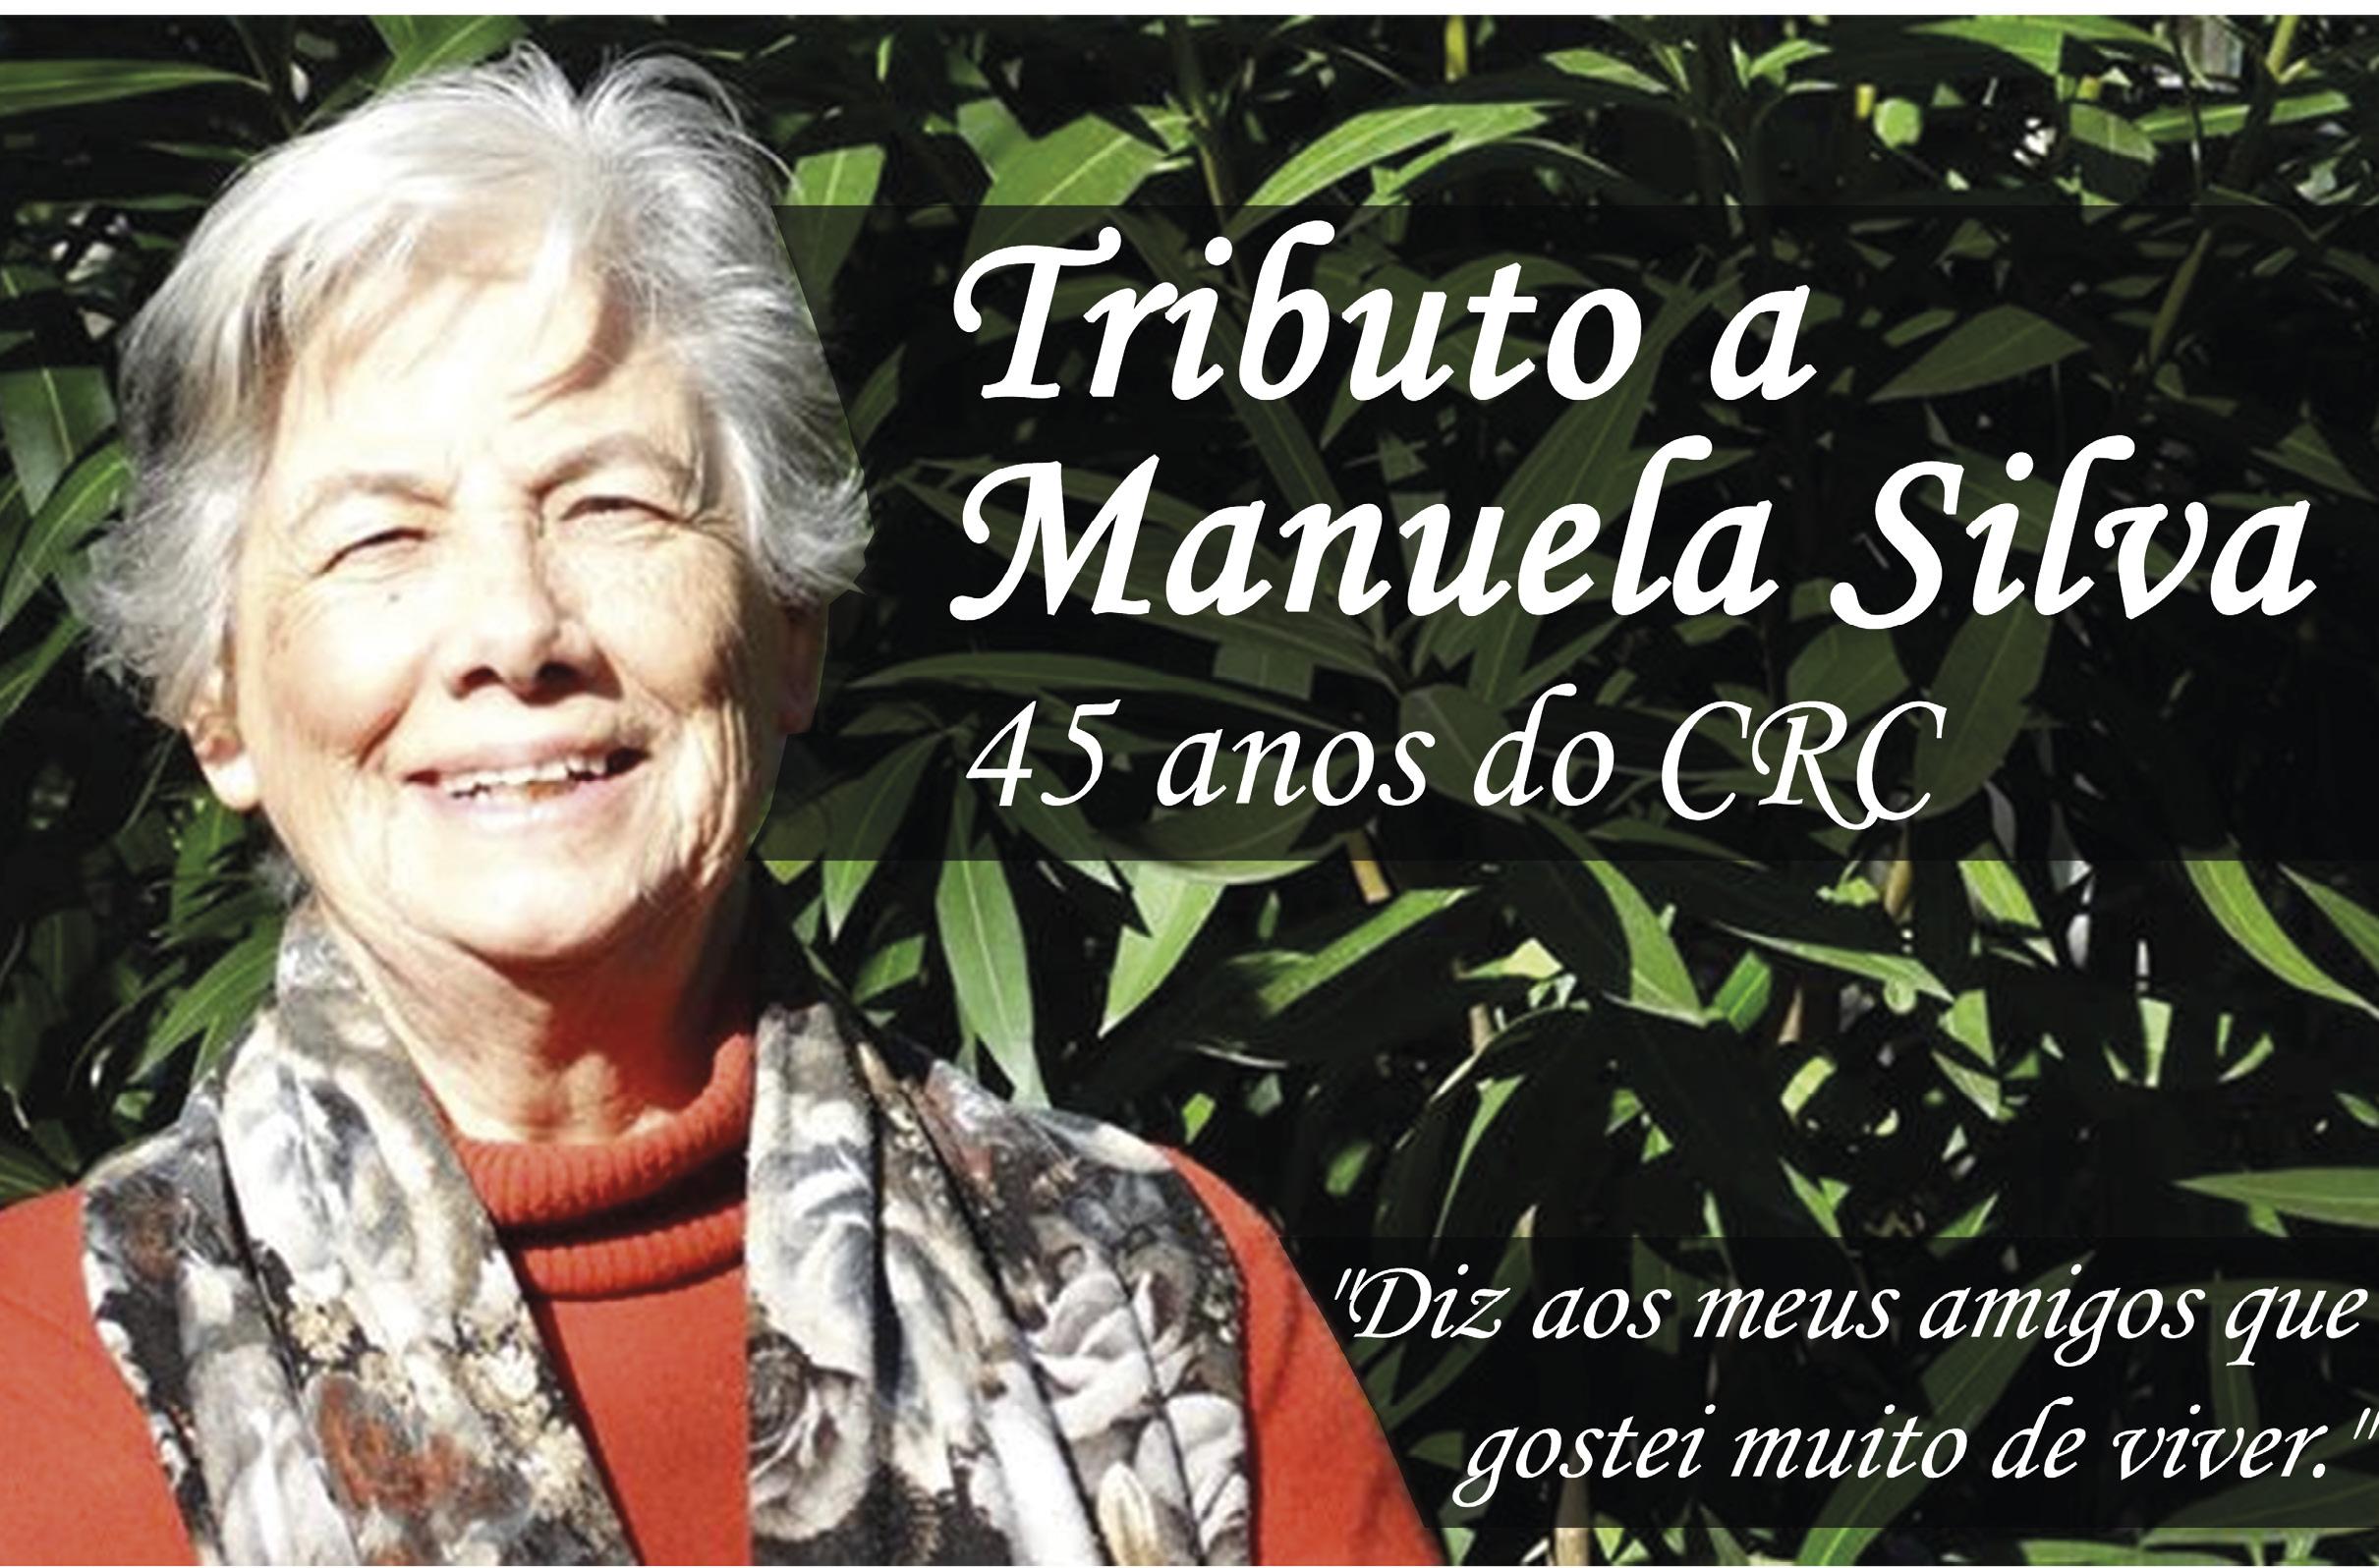 Cartaz da homenagem a Manuela Silva no CRC. Diz aos meus amigos que gostei muito de viver!